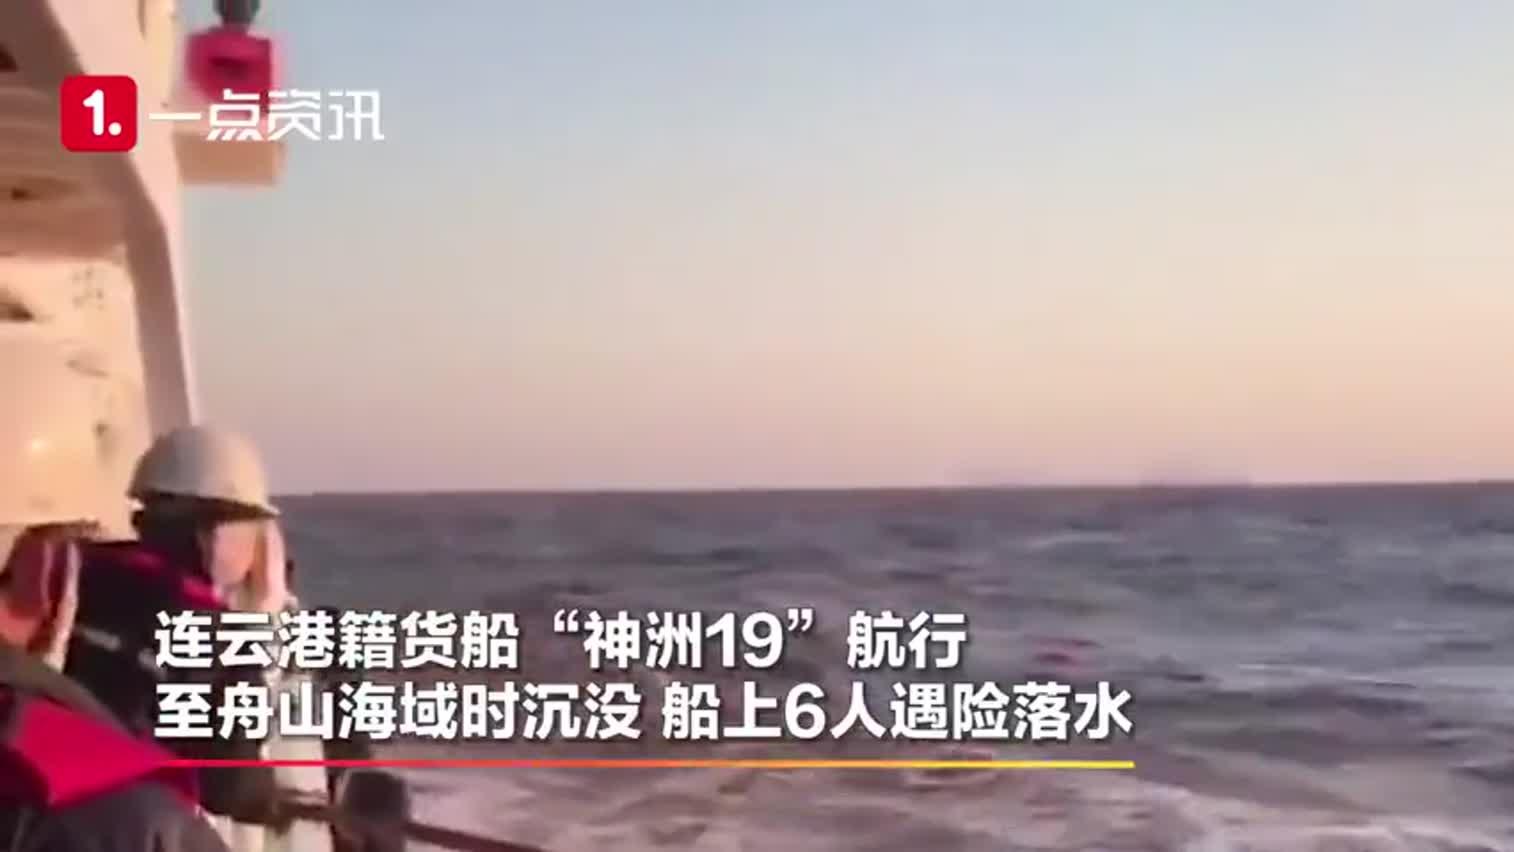 视频-浙江舟山海域货船沉没3人遇难另有3人失联